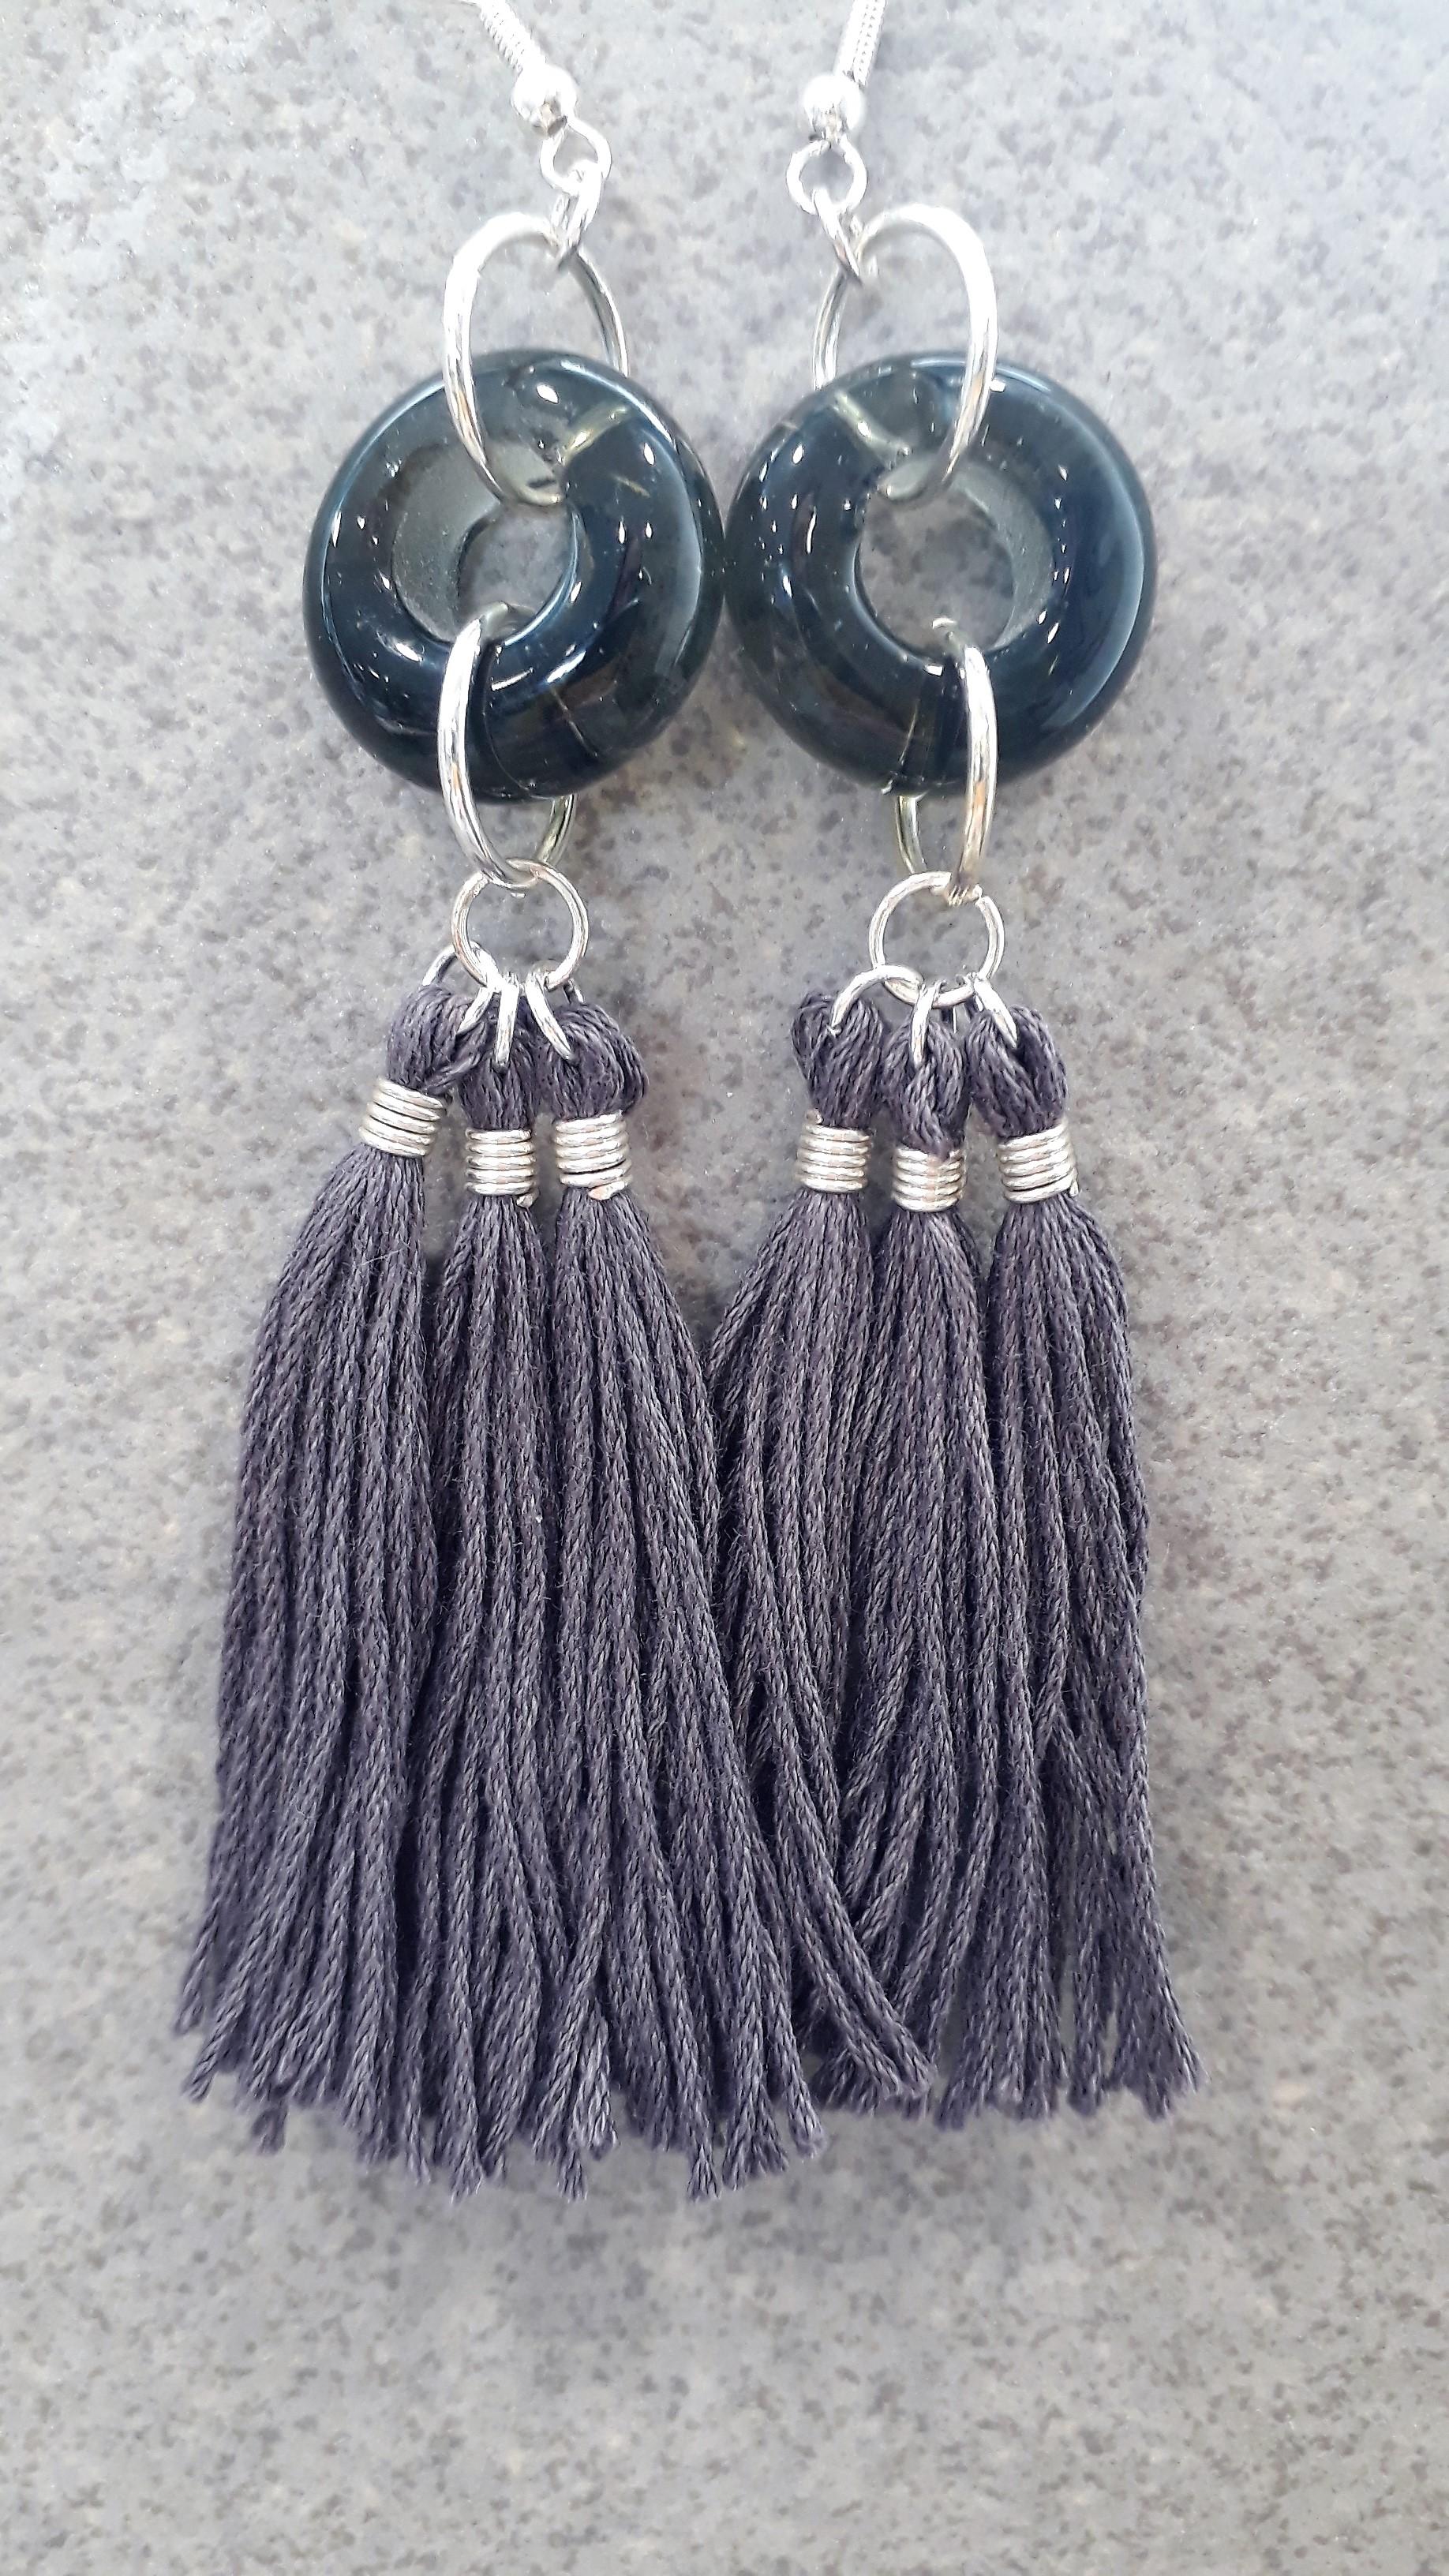 Grey bead & tassel earrings